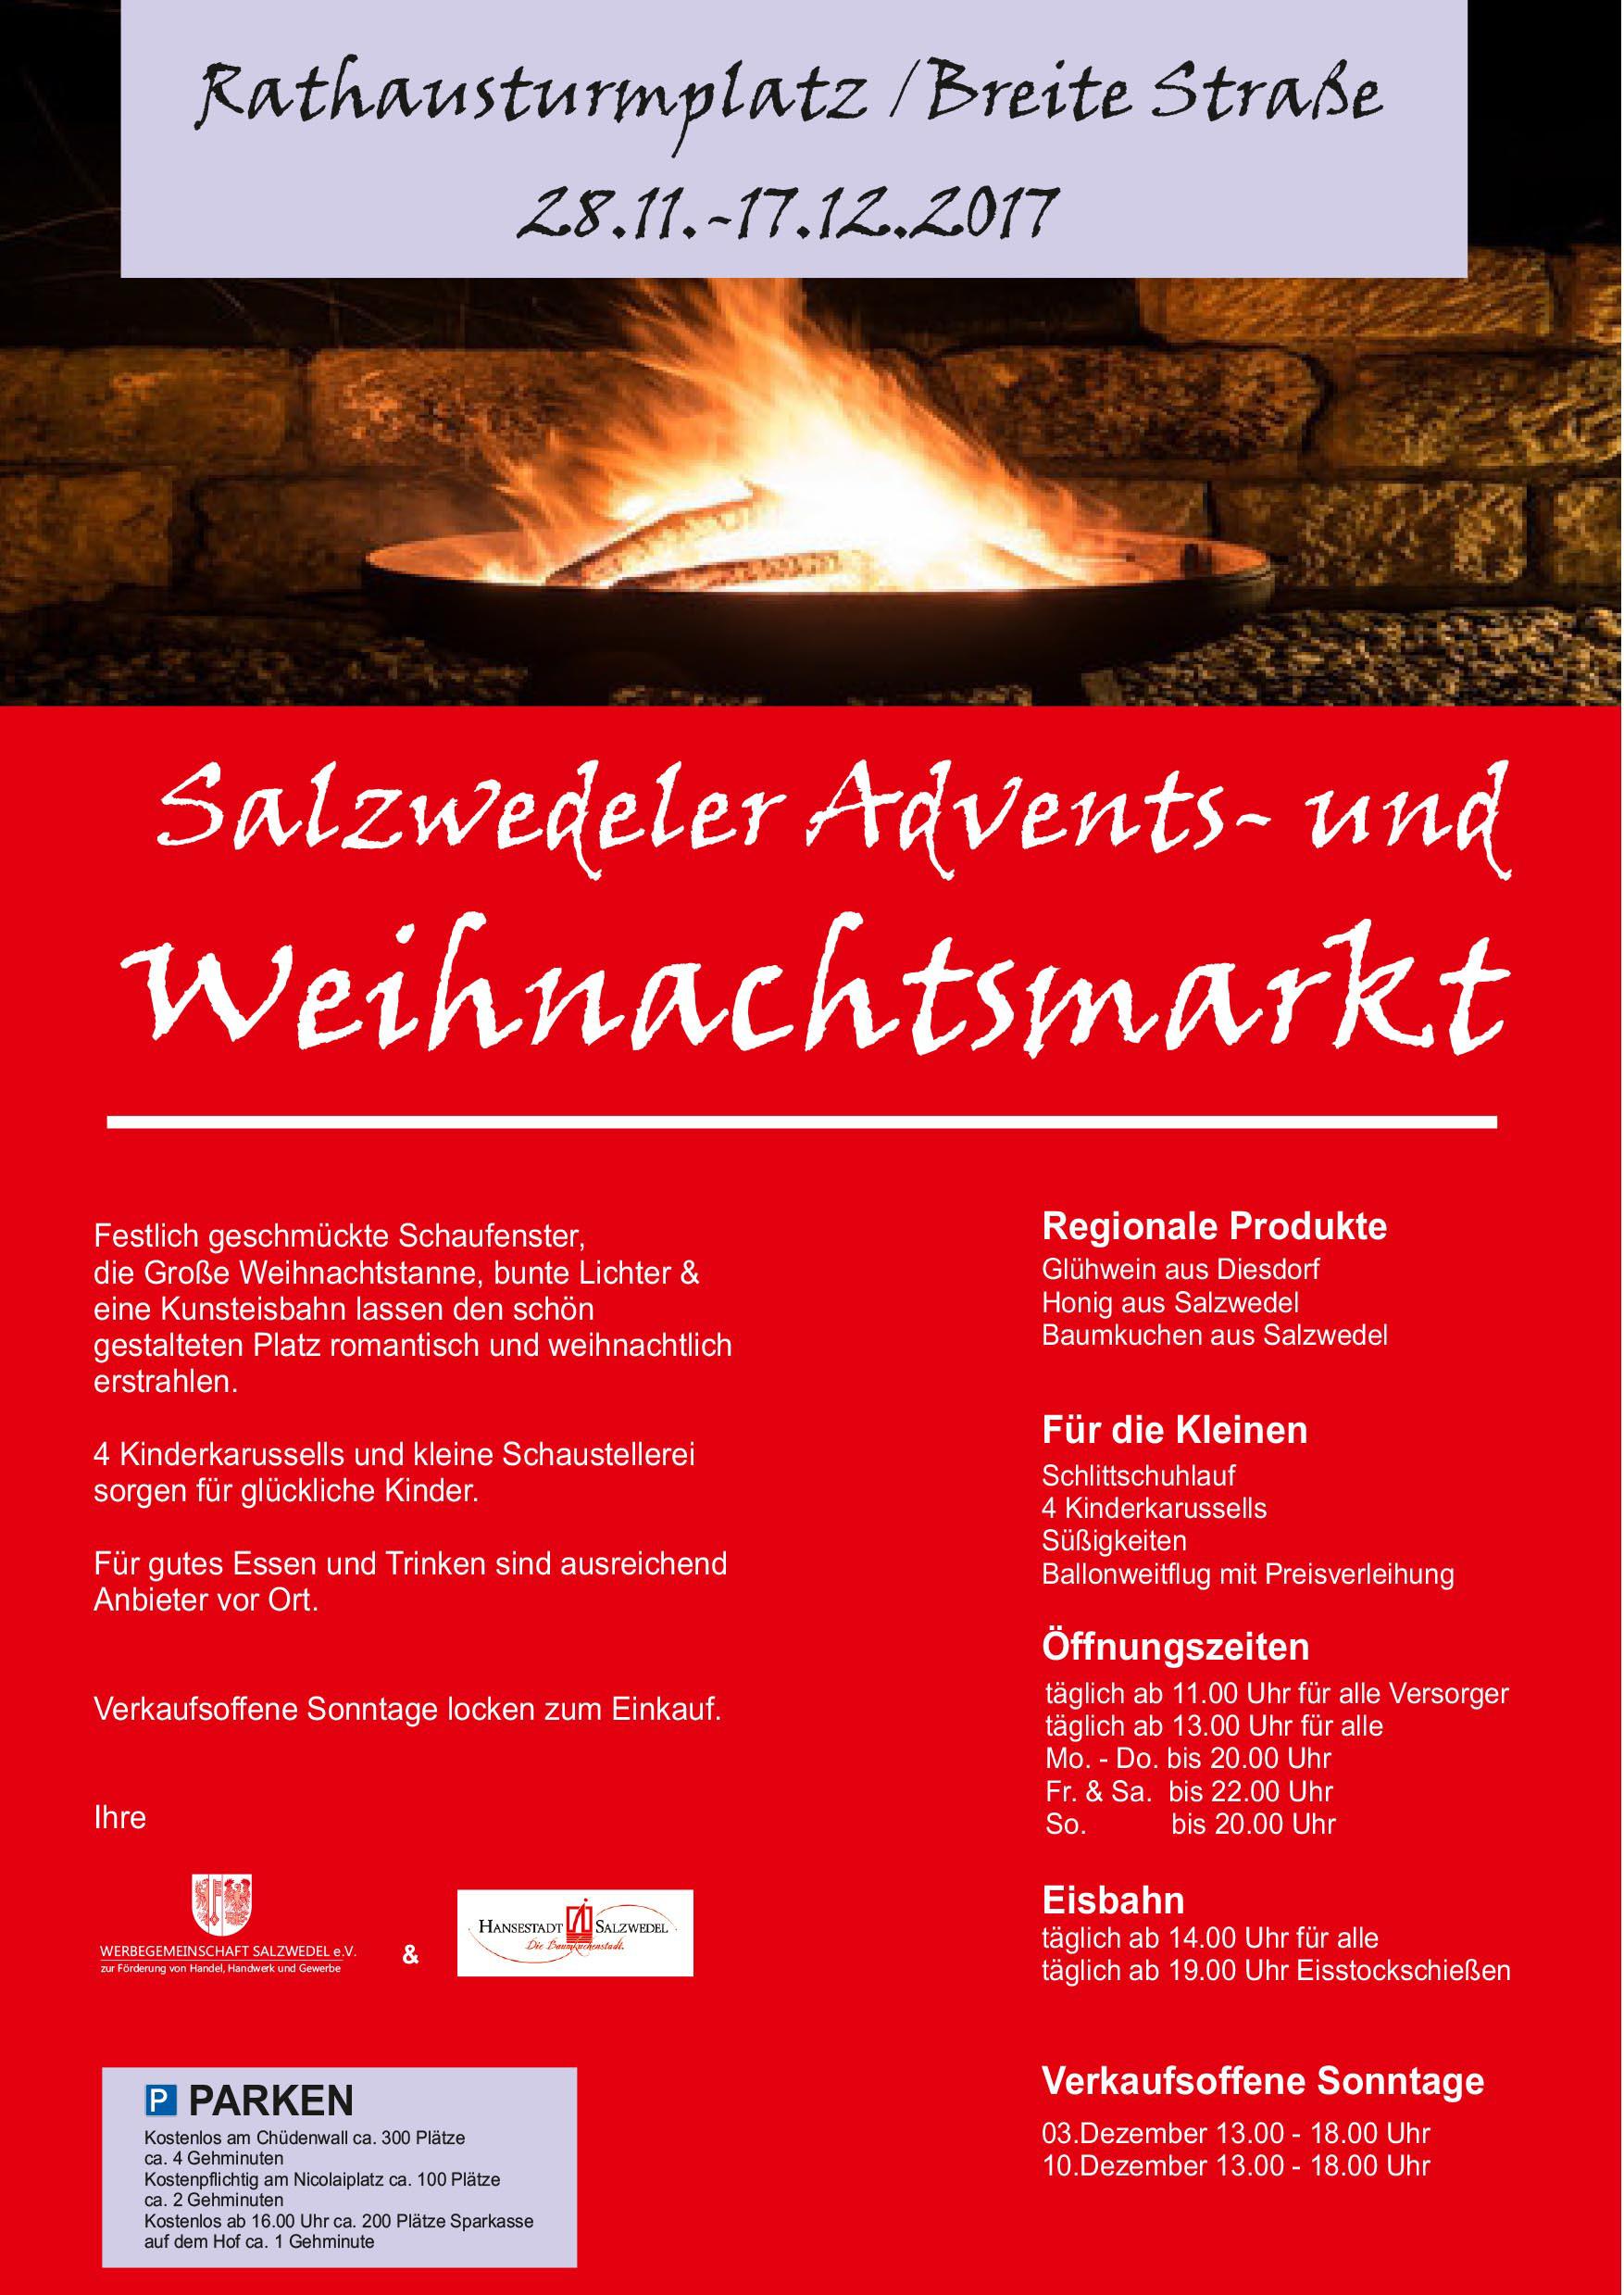 Weihnachtsmarkt Salzwedel.Salzwedel Der Weihnachtsmarkt In Salzwedel